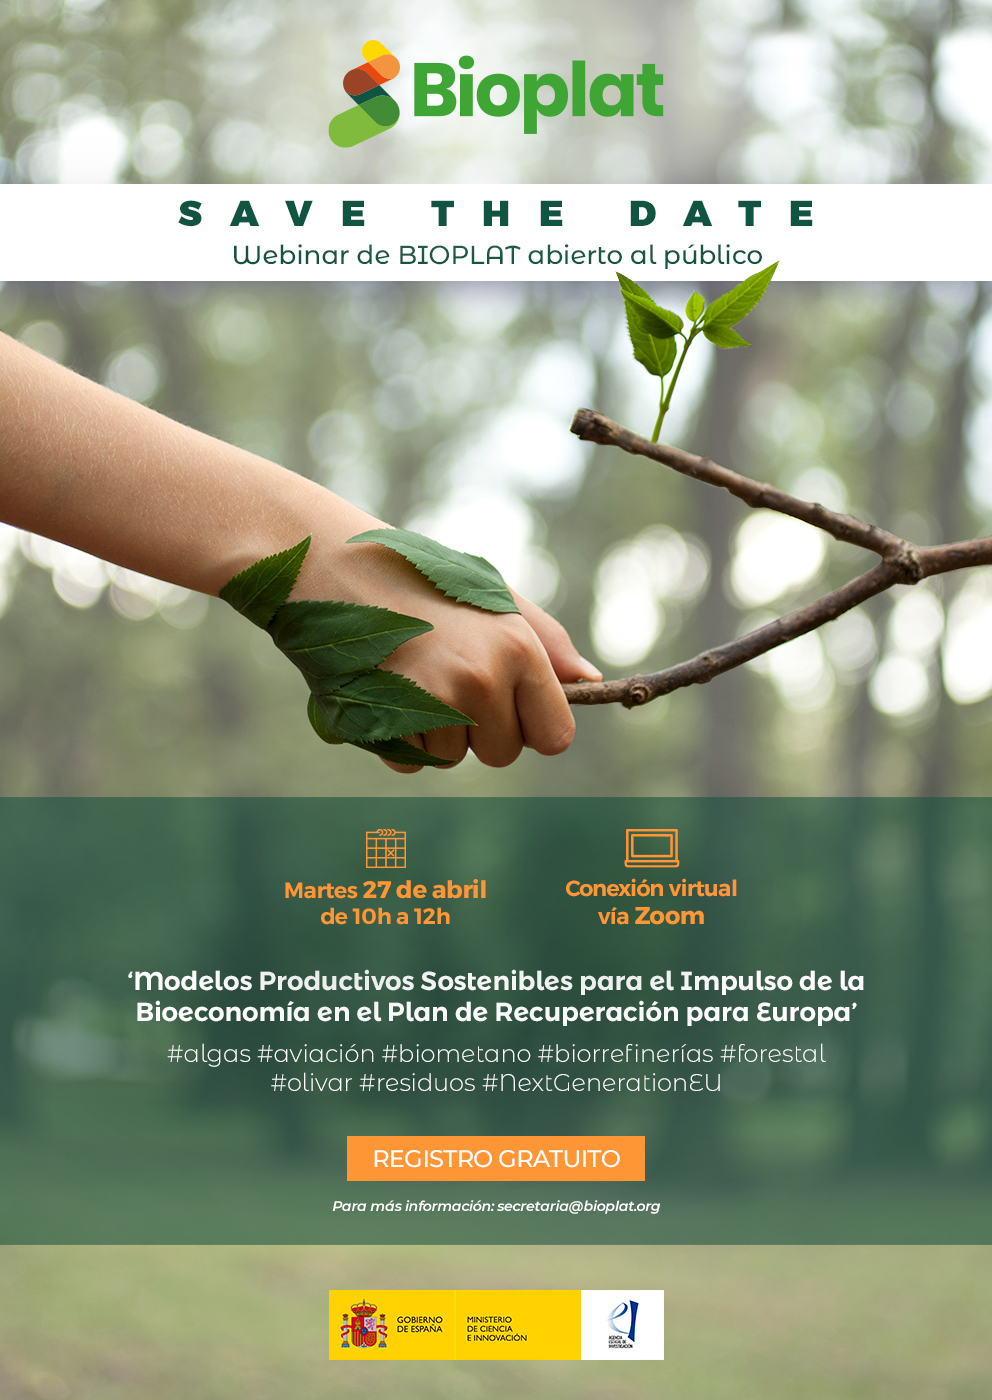 (Español) SAVE THE DATE – 27 ABRIL: Webinar BIOPLAT 'Modelos Productivos Sostenibles para el Impulso de la Bioeconomía en el Plan de Recuperación para Europa'